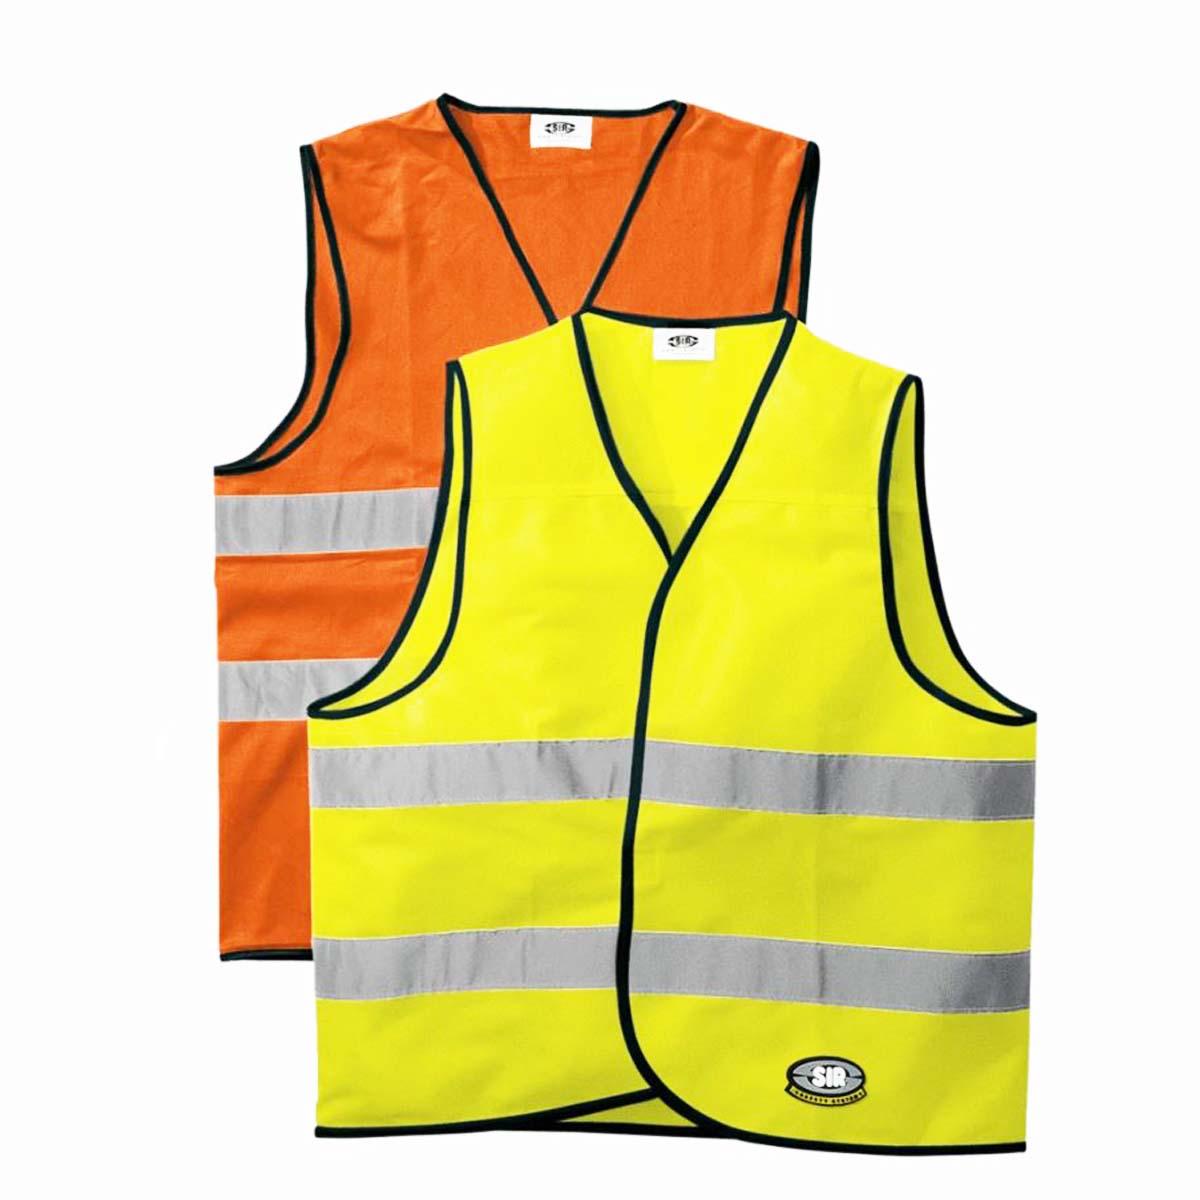 Áo khoác Vest phản quang có độ hiển thị cao SIR 34902 – 06 High-Visibility 100% Polyester Waistcoat Safety Vest